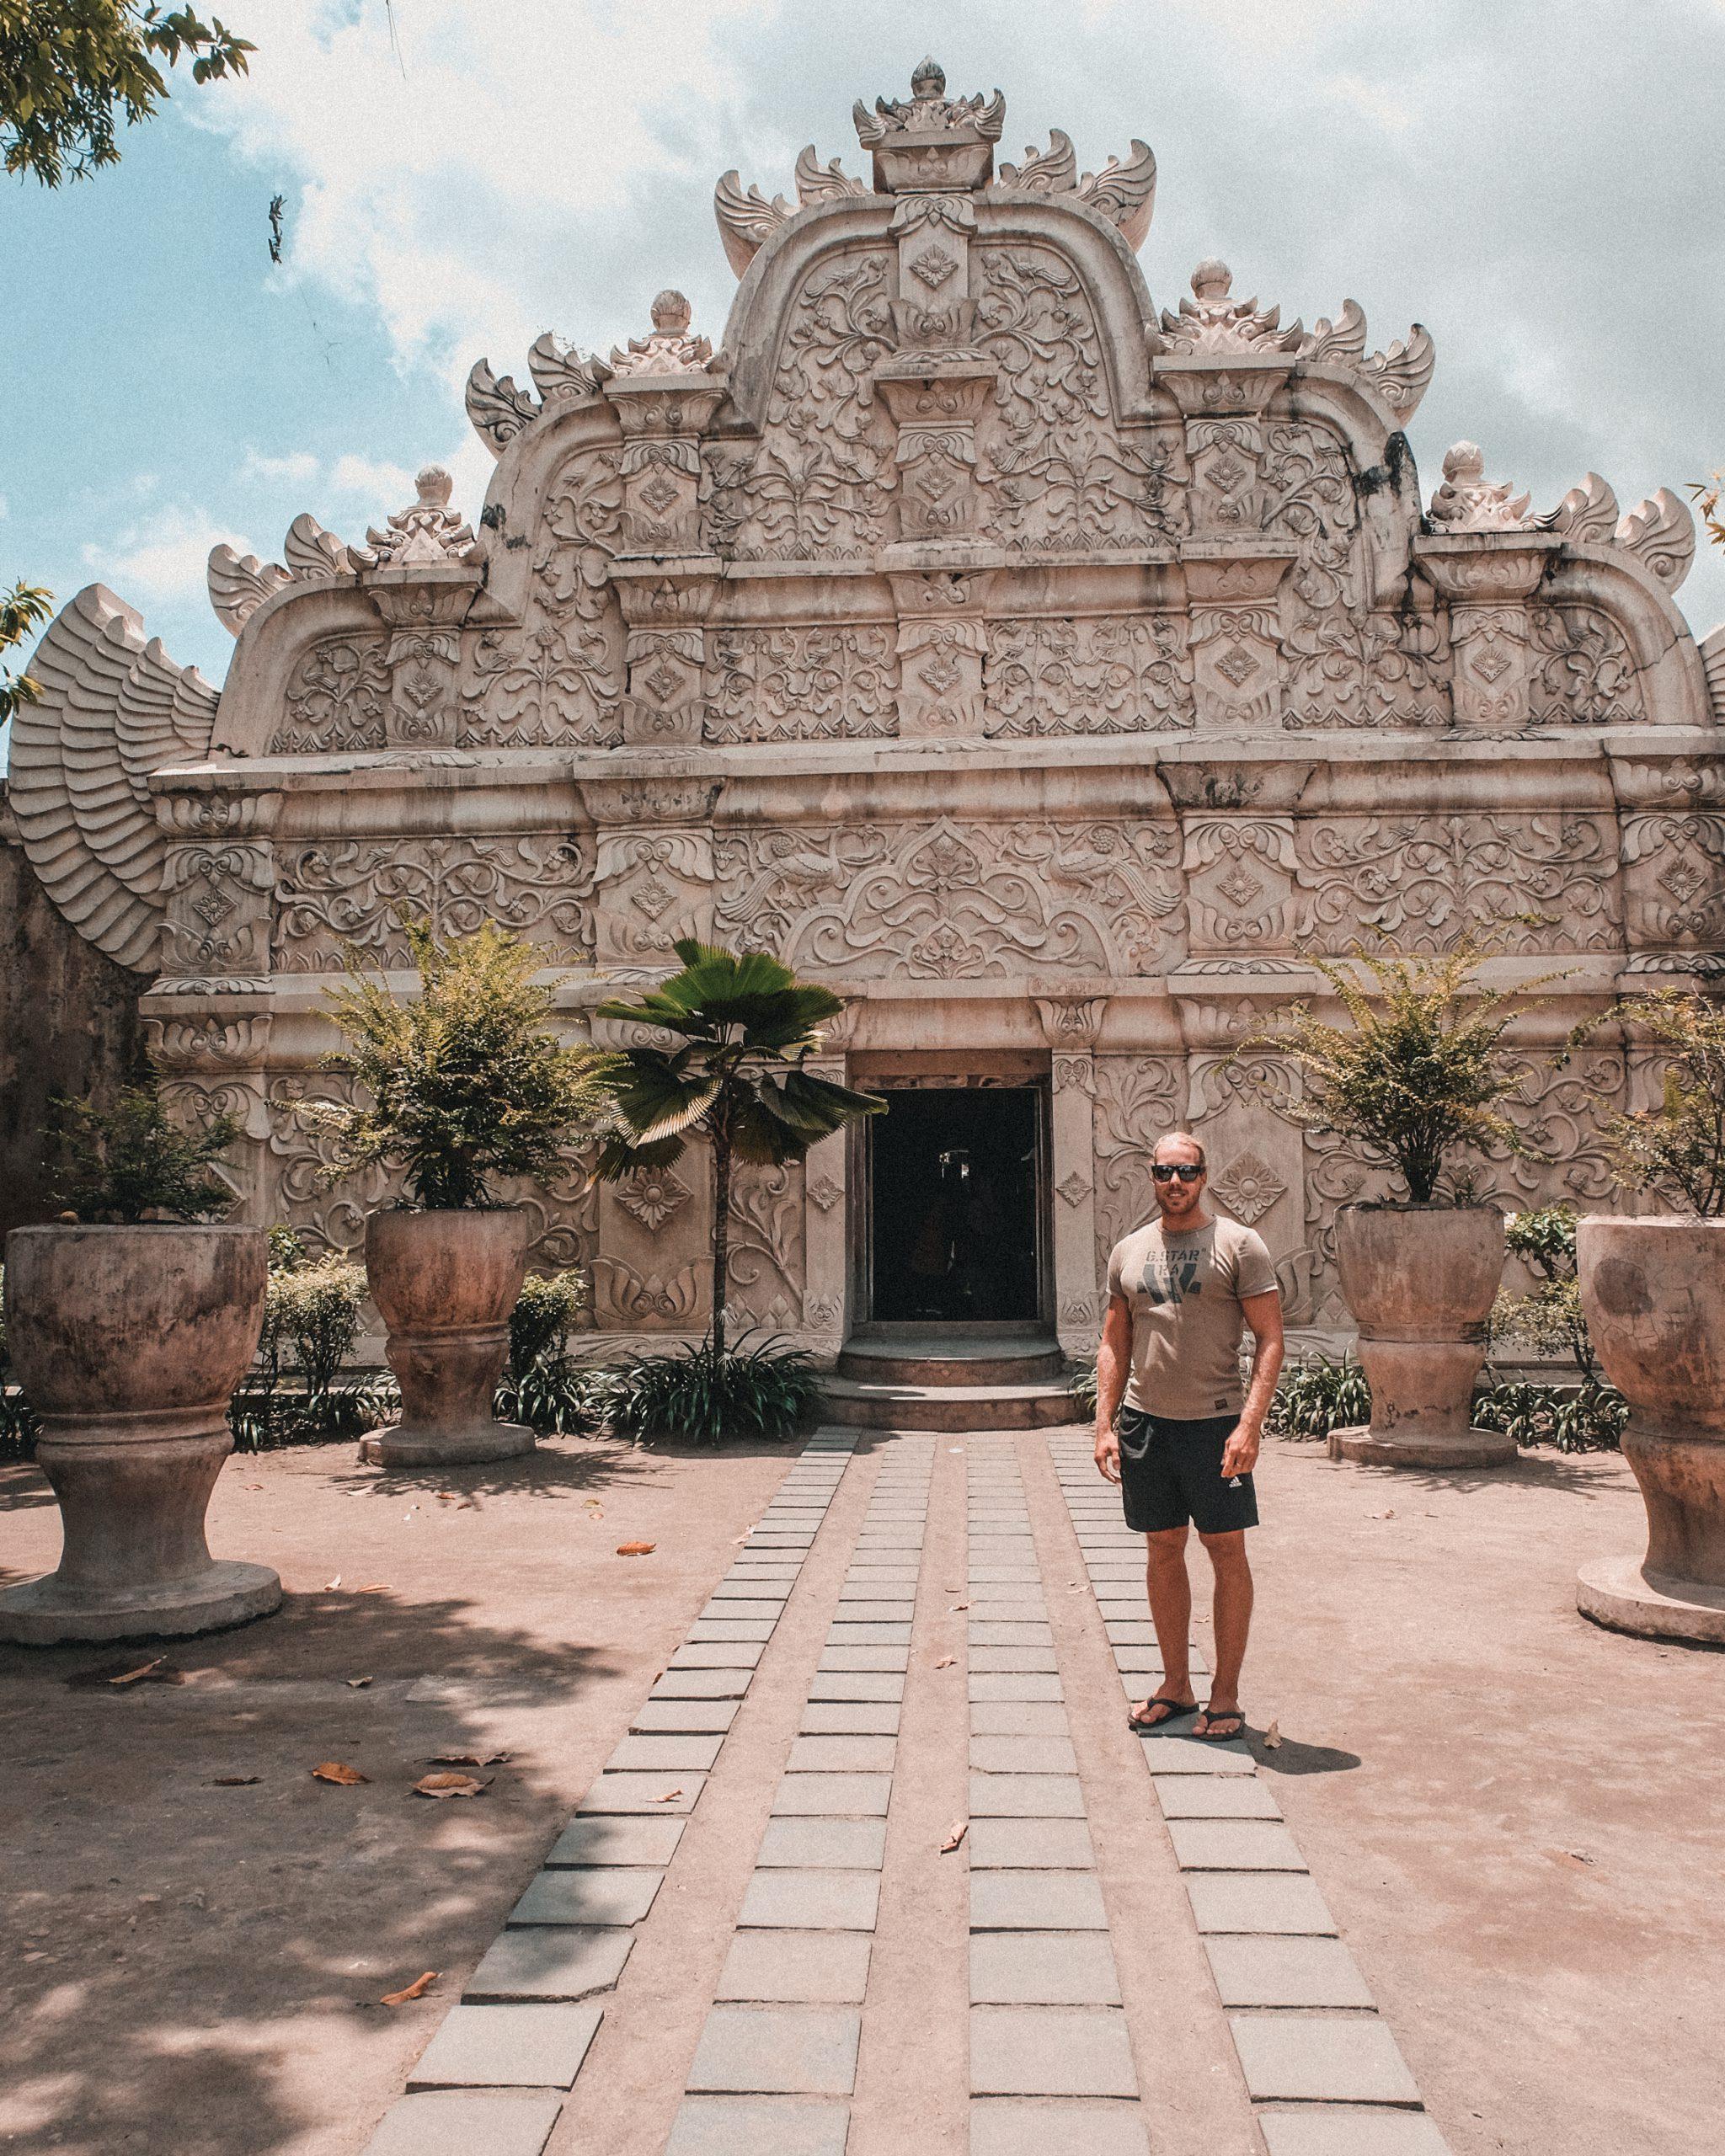 taman sari water castle